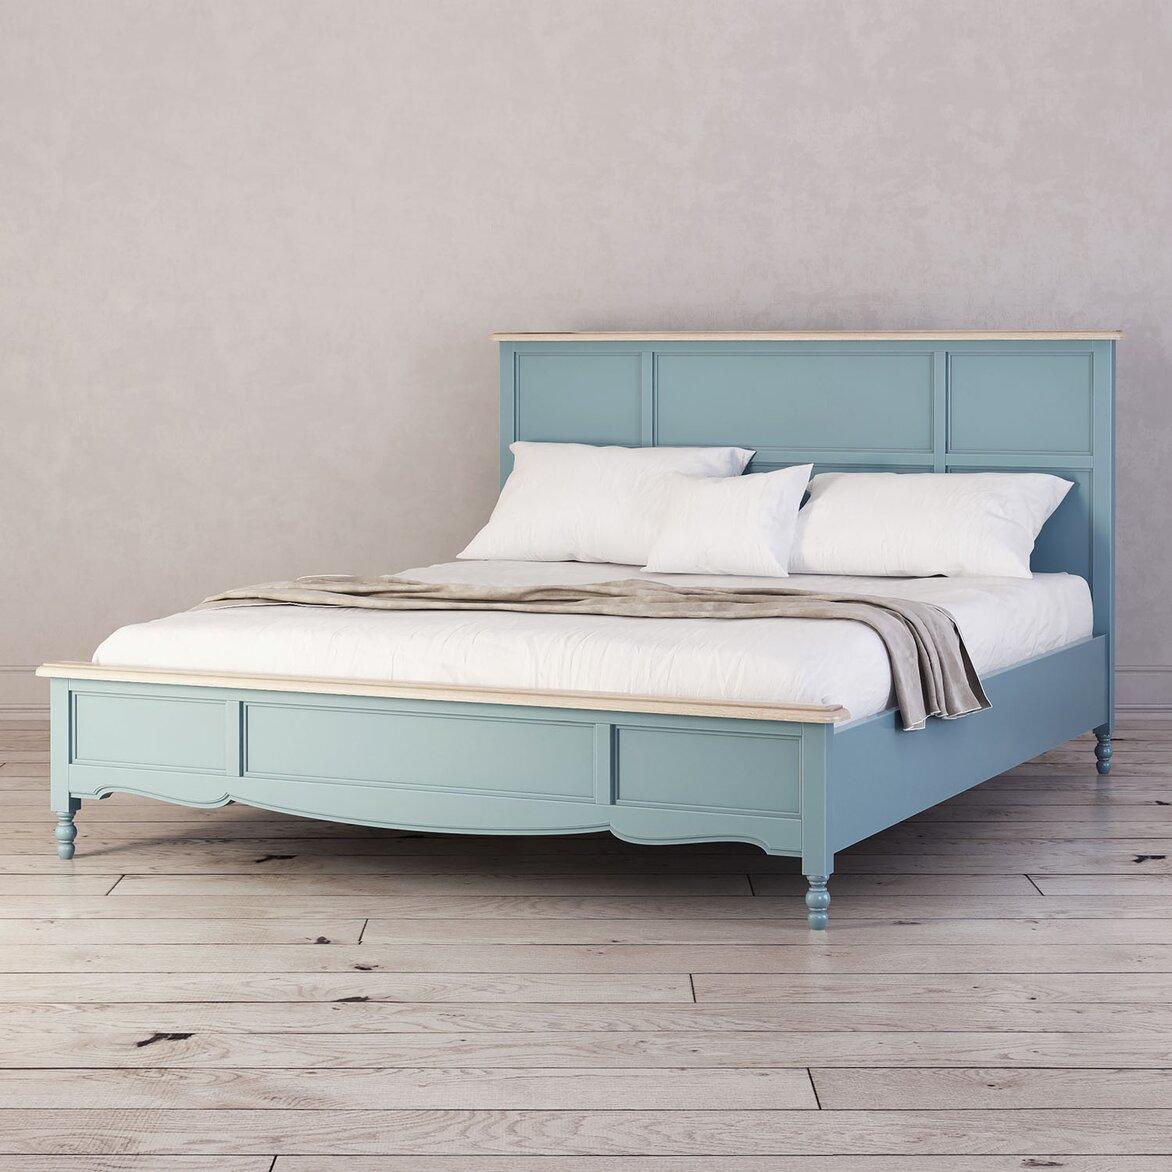 Кровать Leblanc двуспальная, голубая